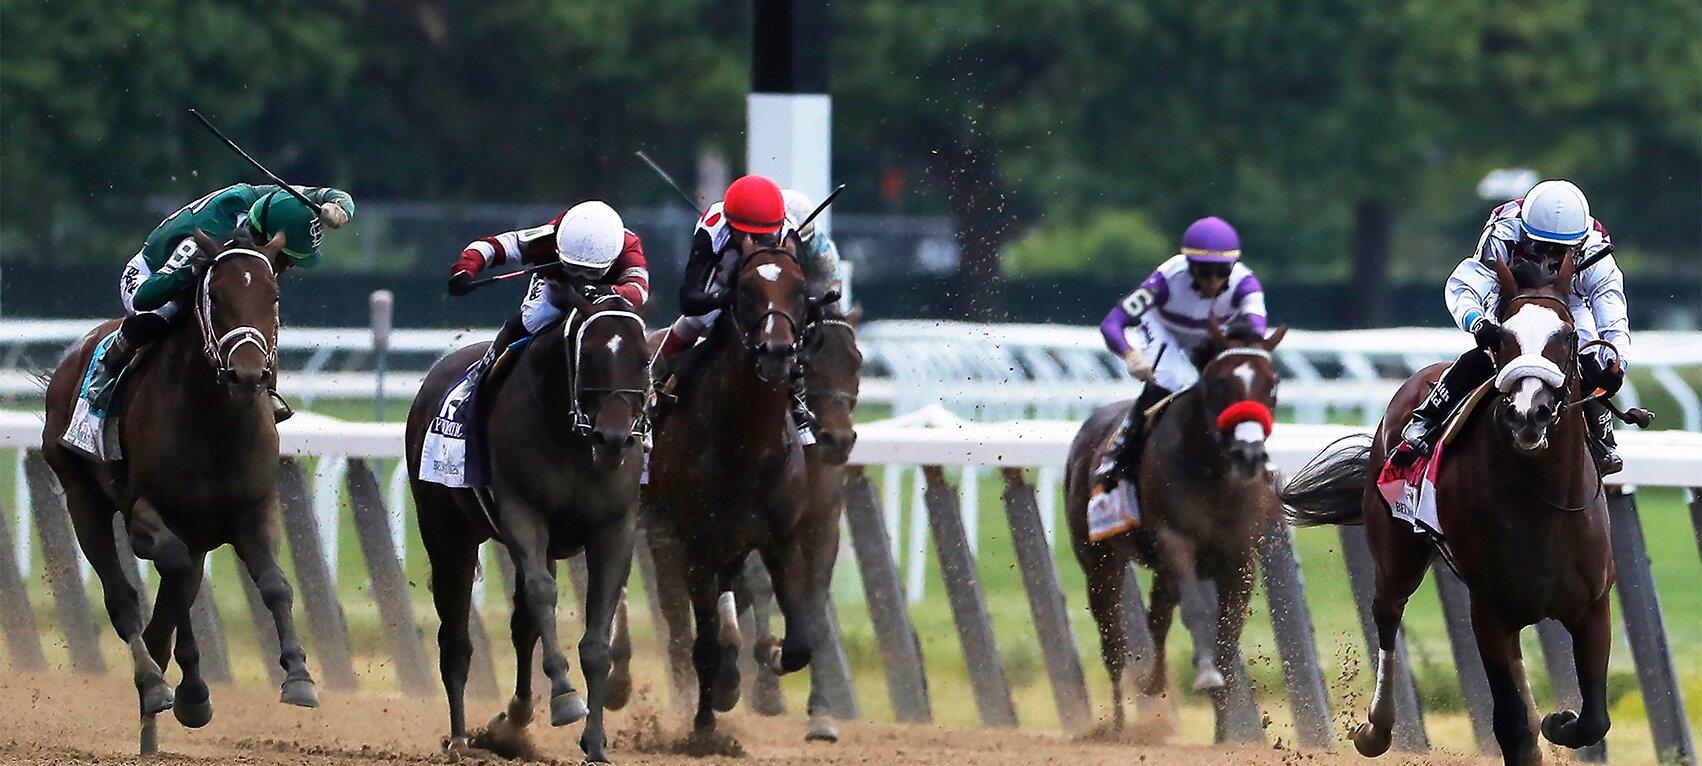 https://www.gambleonline.co/app/uploads/2021/04/belmont-stakes-triple-crown-horses-1.jpg